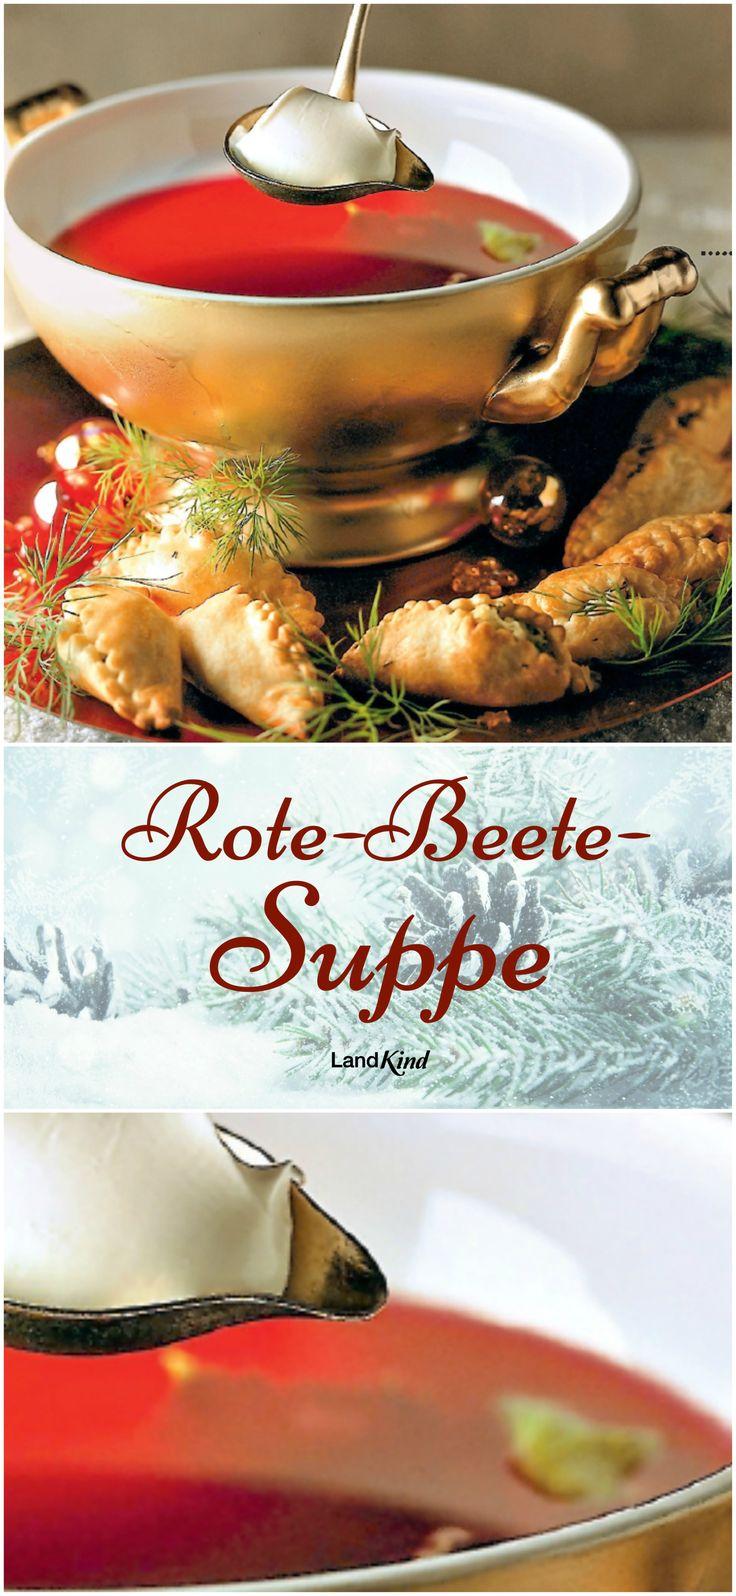 Im Winter haben Suppen Hochsaison. Sie liefern alles, was der Körper braucht, und wärmen von innen, wenn es draußen kalt ist. Für diese Rote-Beete-Suppe braucht man: 500 g Rote Bete, 100 g Knollensellerie, 300 g festkochende Kartoffeln, 100 g Karotten, 1 Zwiebel, 50 g Butter, 1 l Rindfleisch- oder Gemüsebrühe, Salz, Pfeffer, 1 Lorbeerblatt, 3 EL Tomatenmark, 100 g Crème fraîche und einige Zweige Dill.